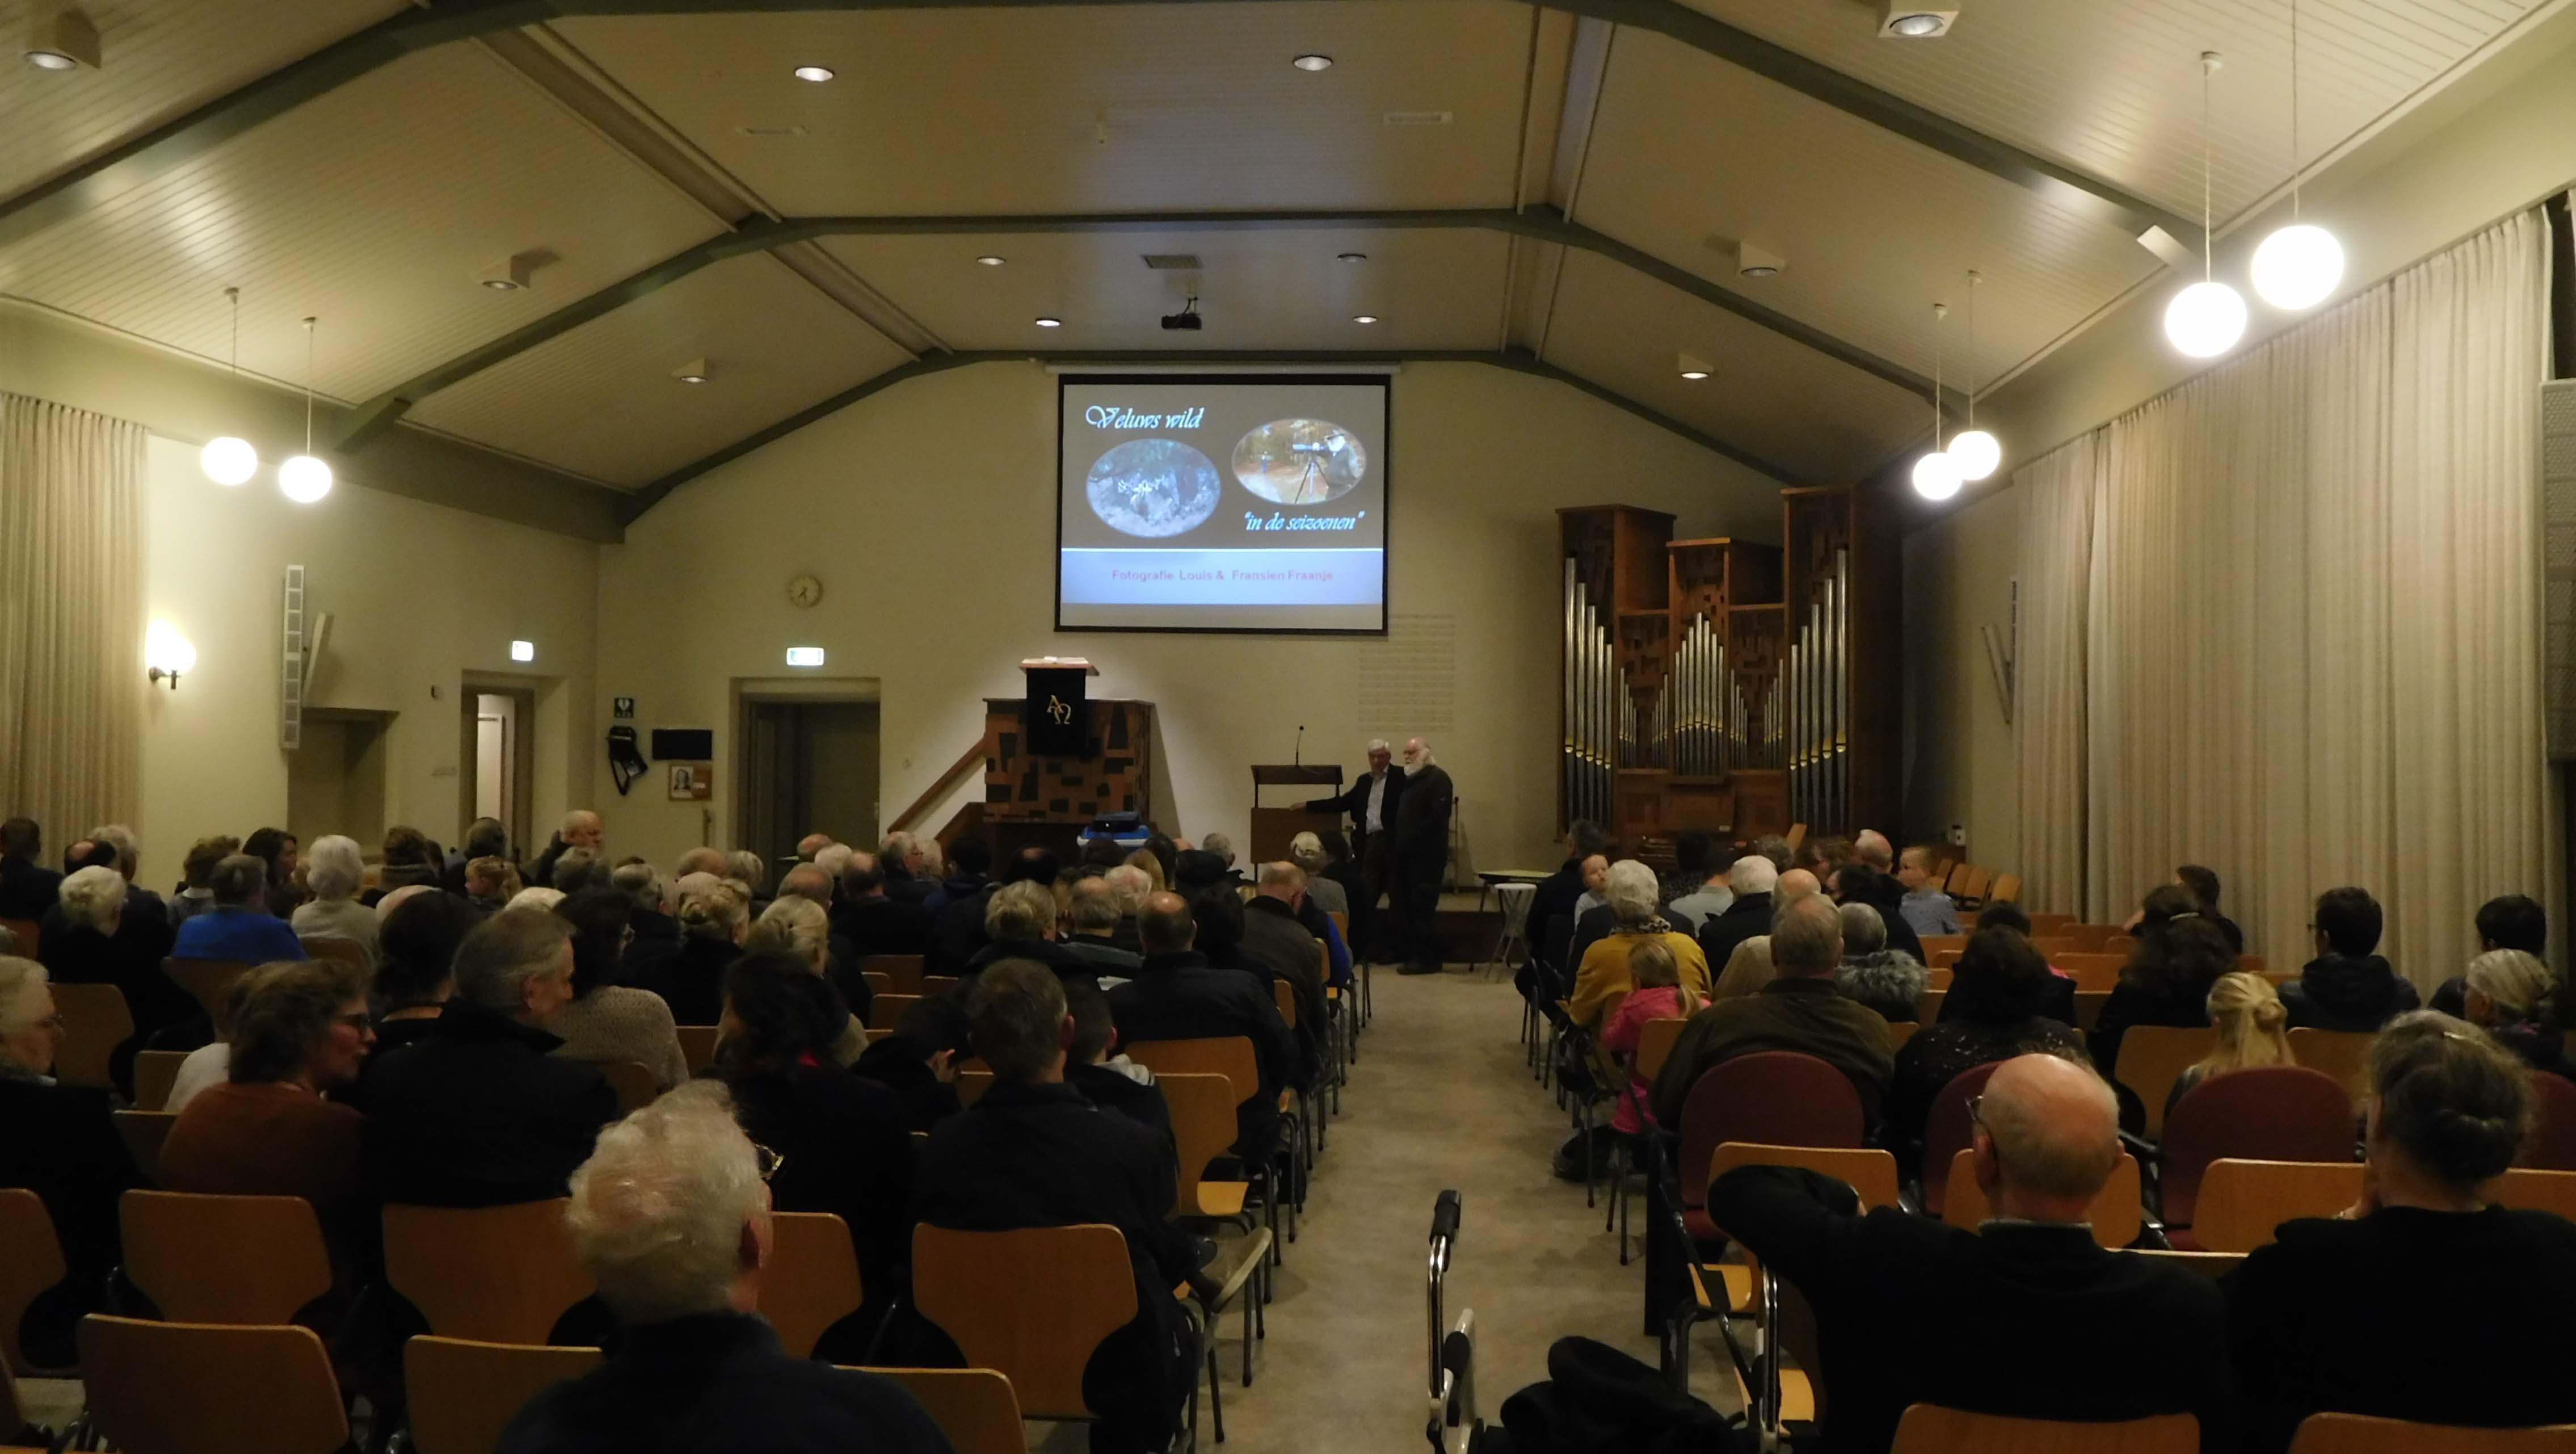 Ruim voor aanvang zaten er al bezoekers in de kerkzaal - Foto: ©Fransien Fraanje